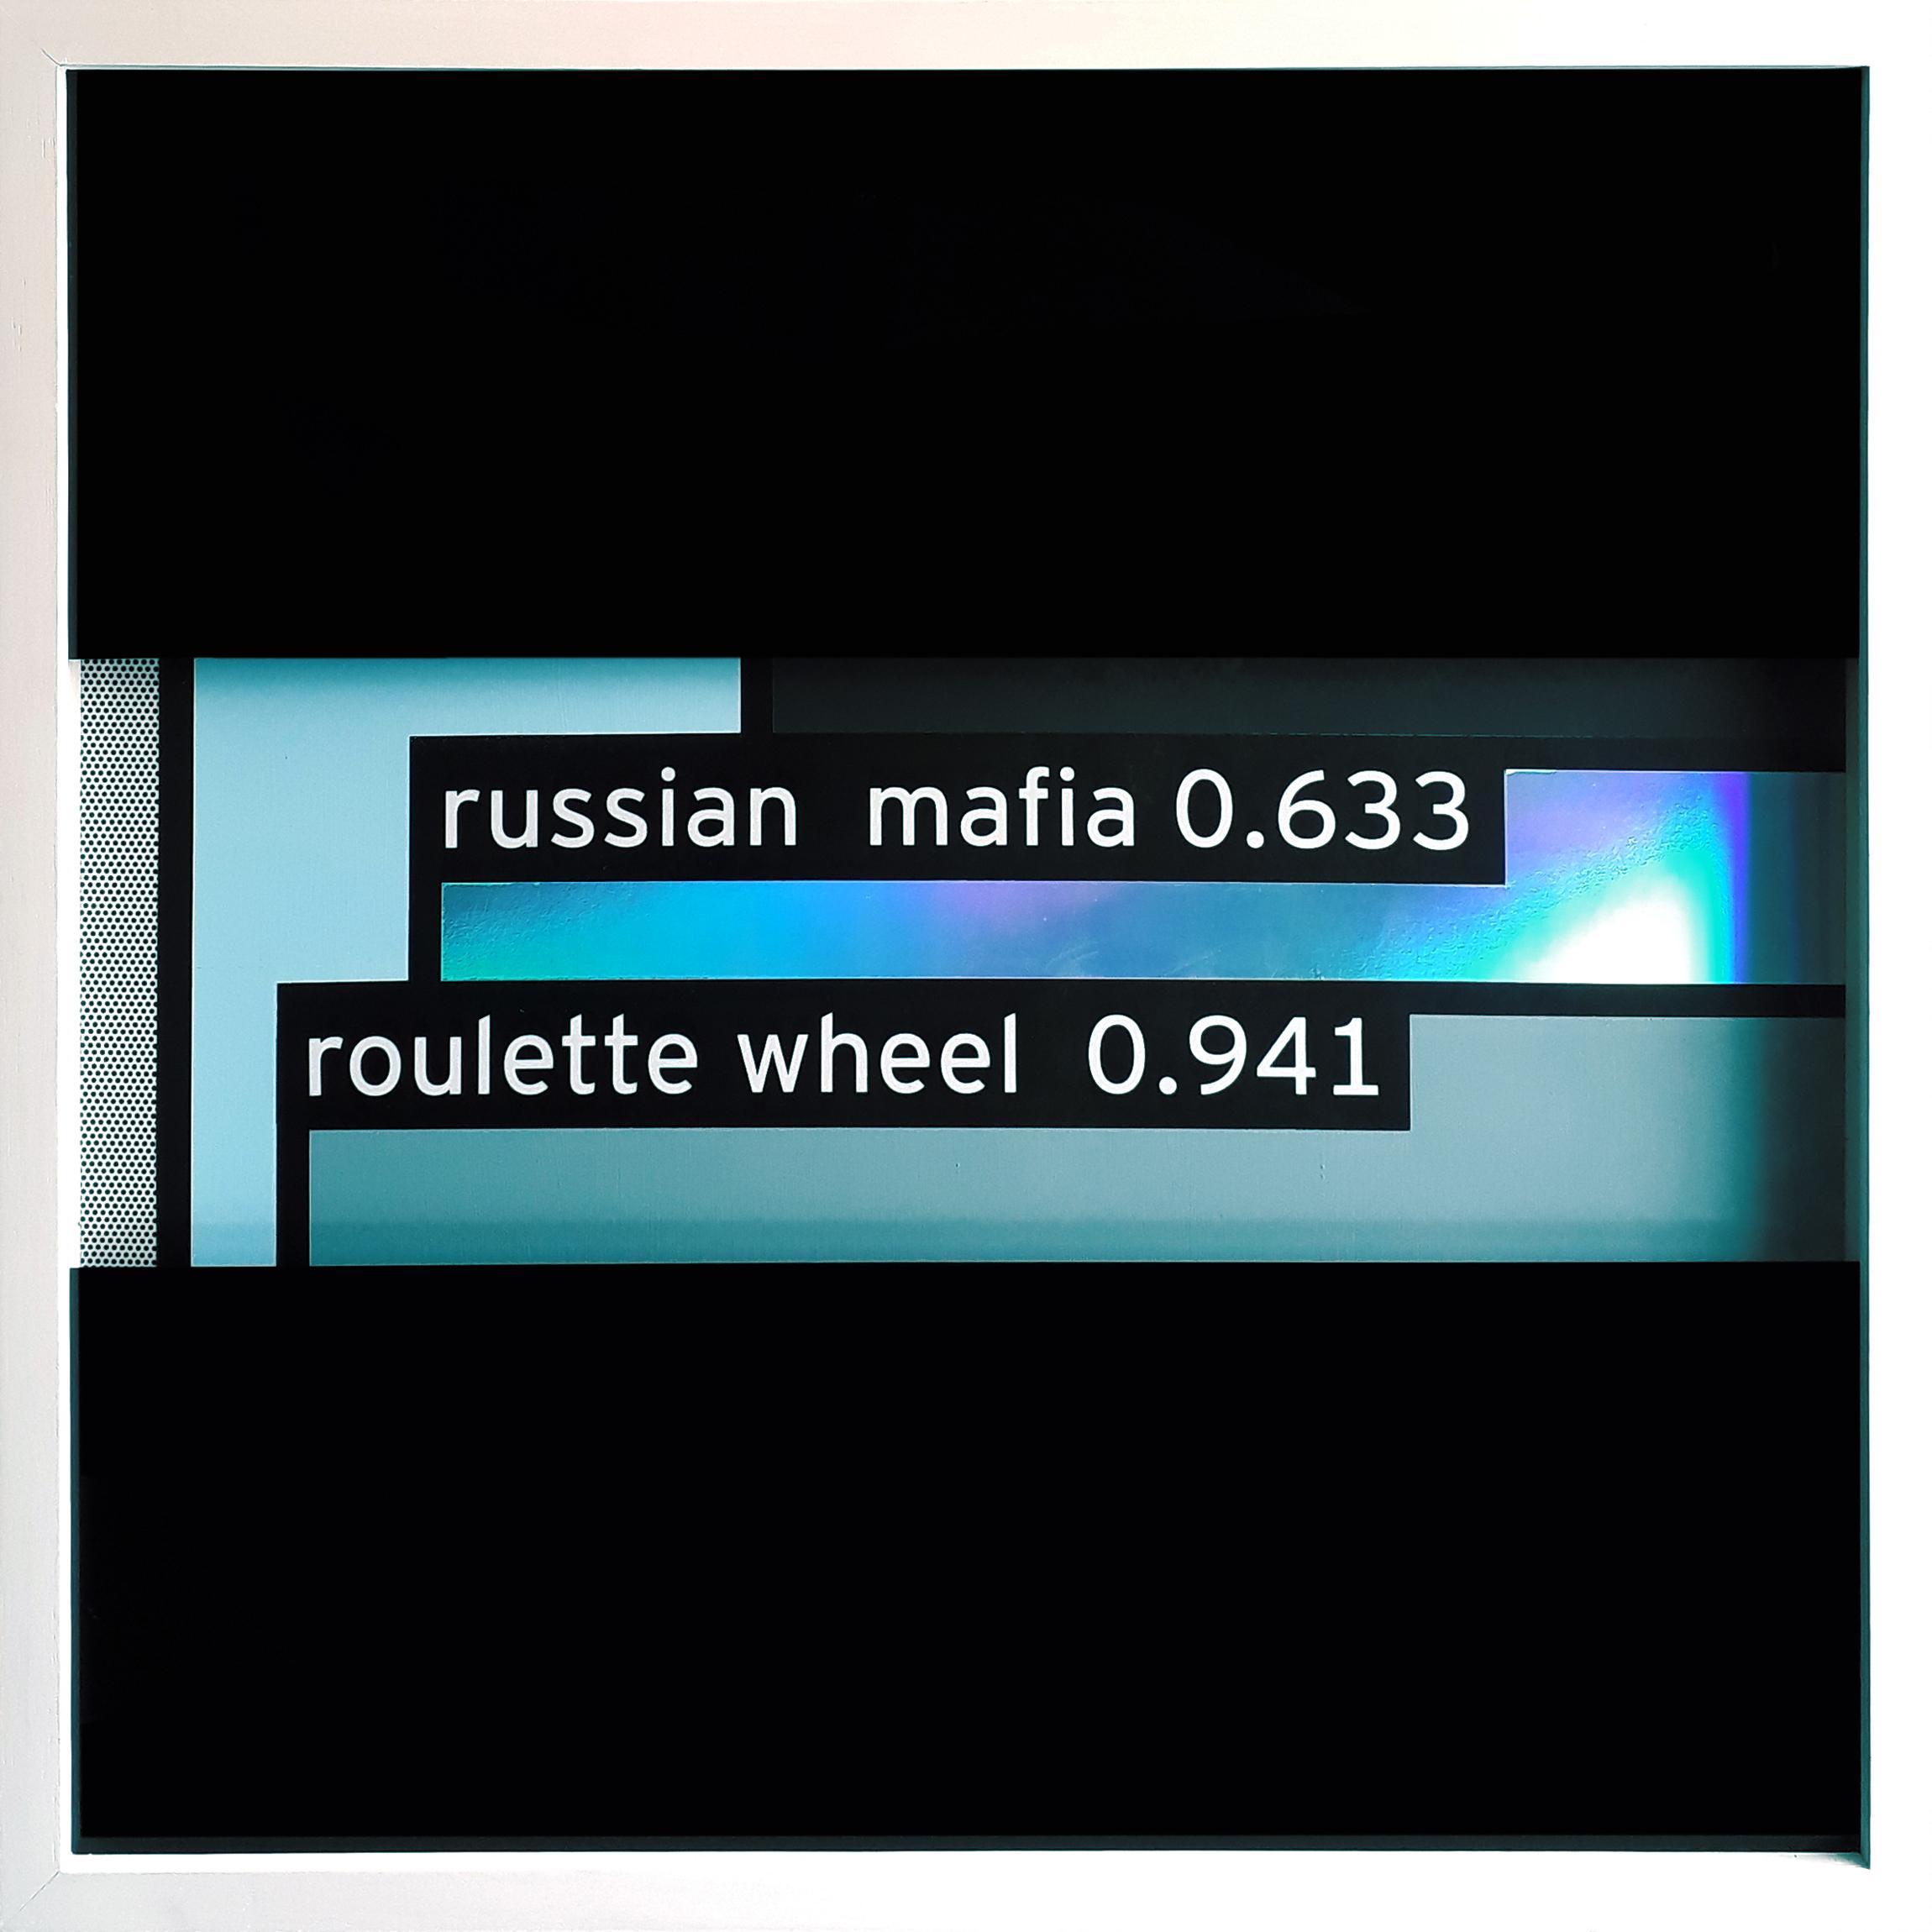 RUSSIAN MAFIA 0.633